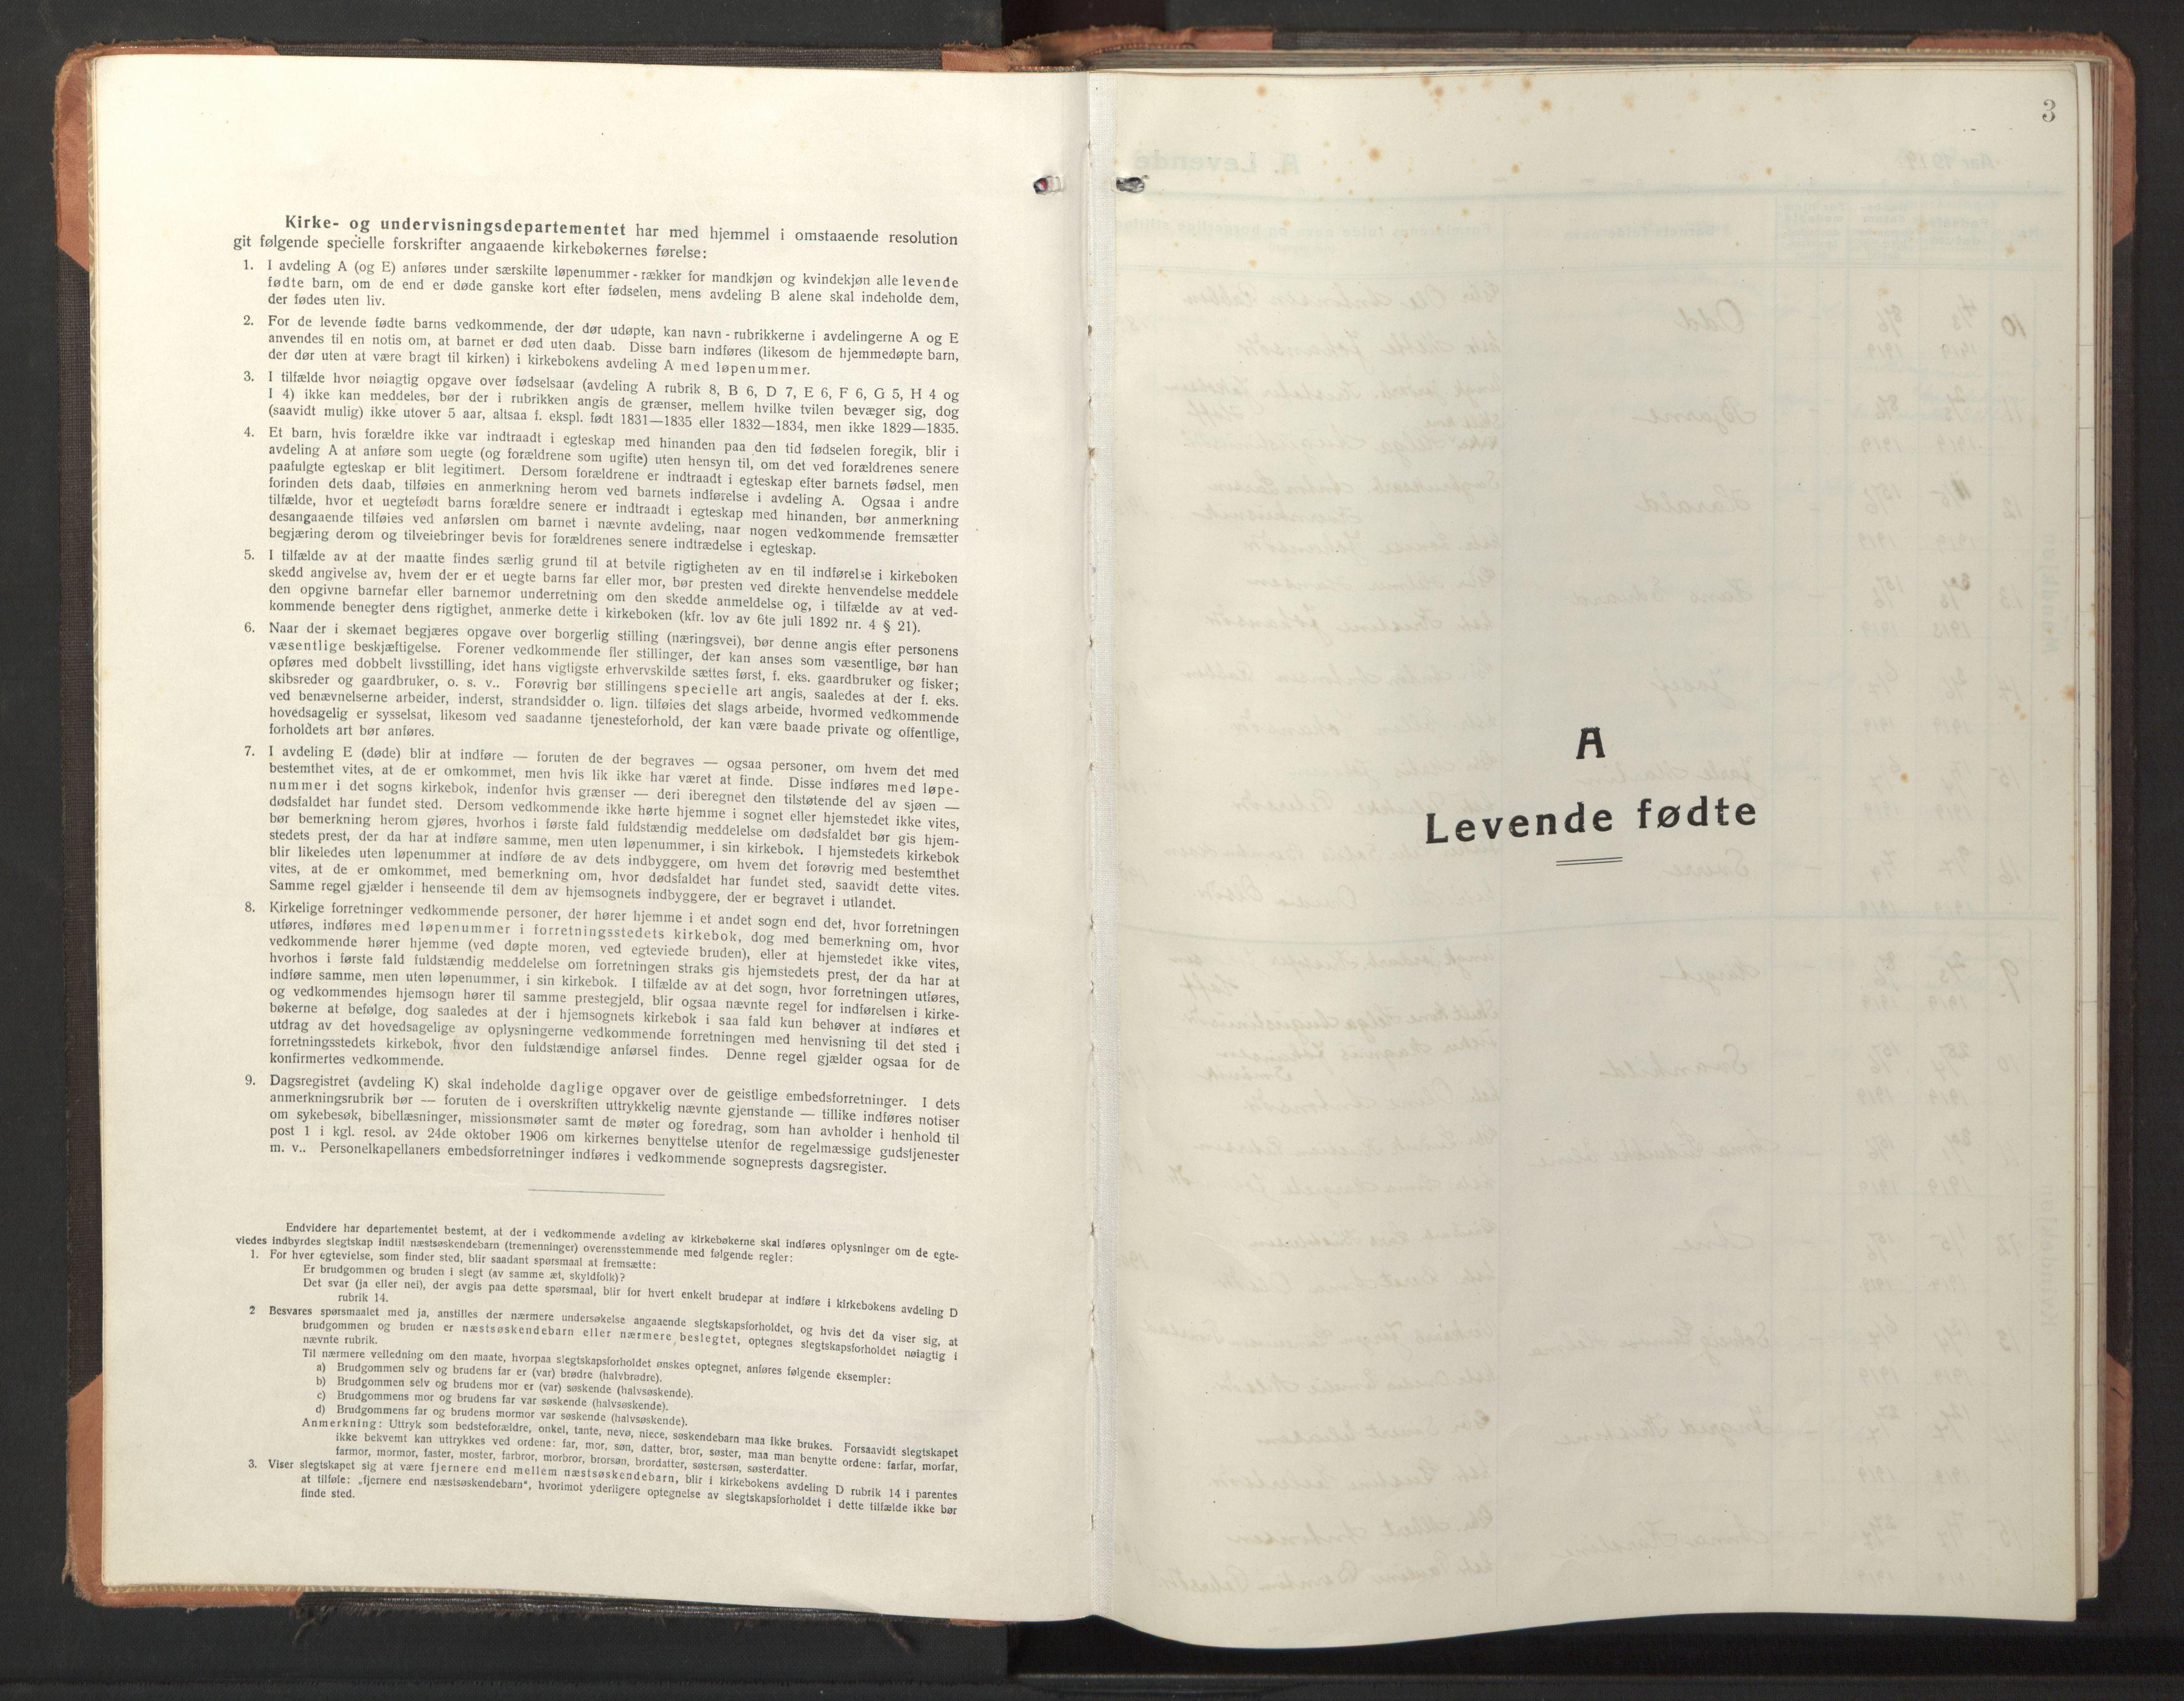 SAT, Ministerialprotokoller, klokkerbøker og fødselsregistre - Sør-Trøndelag, 653/L0658: Klokkerbok nr. 653C02, 1919-1947, s. 3